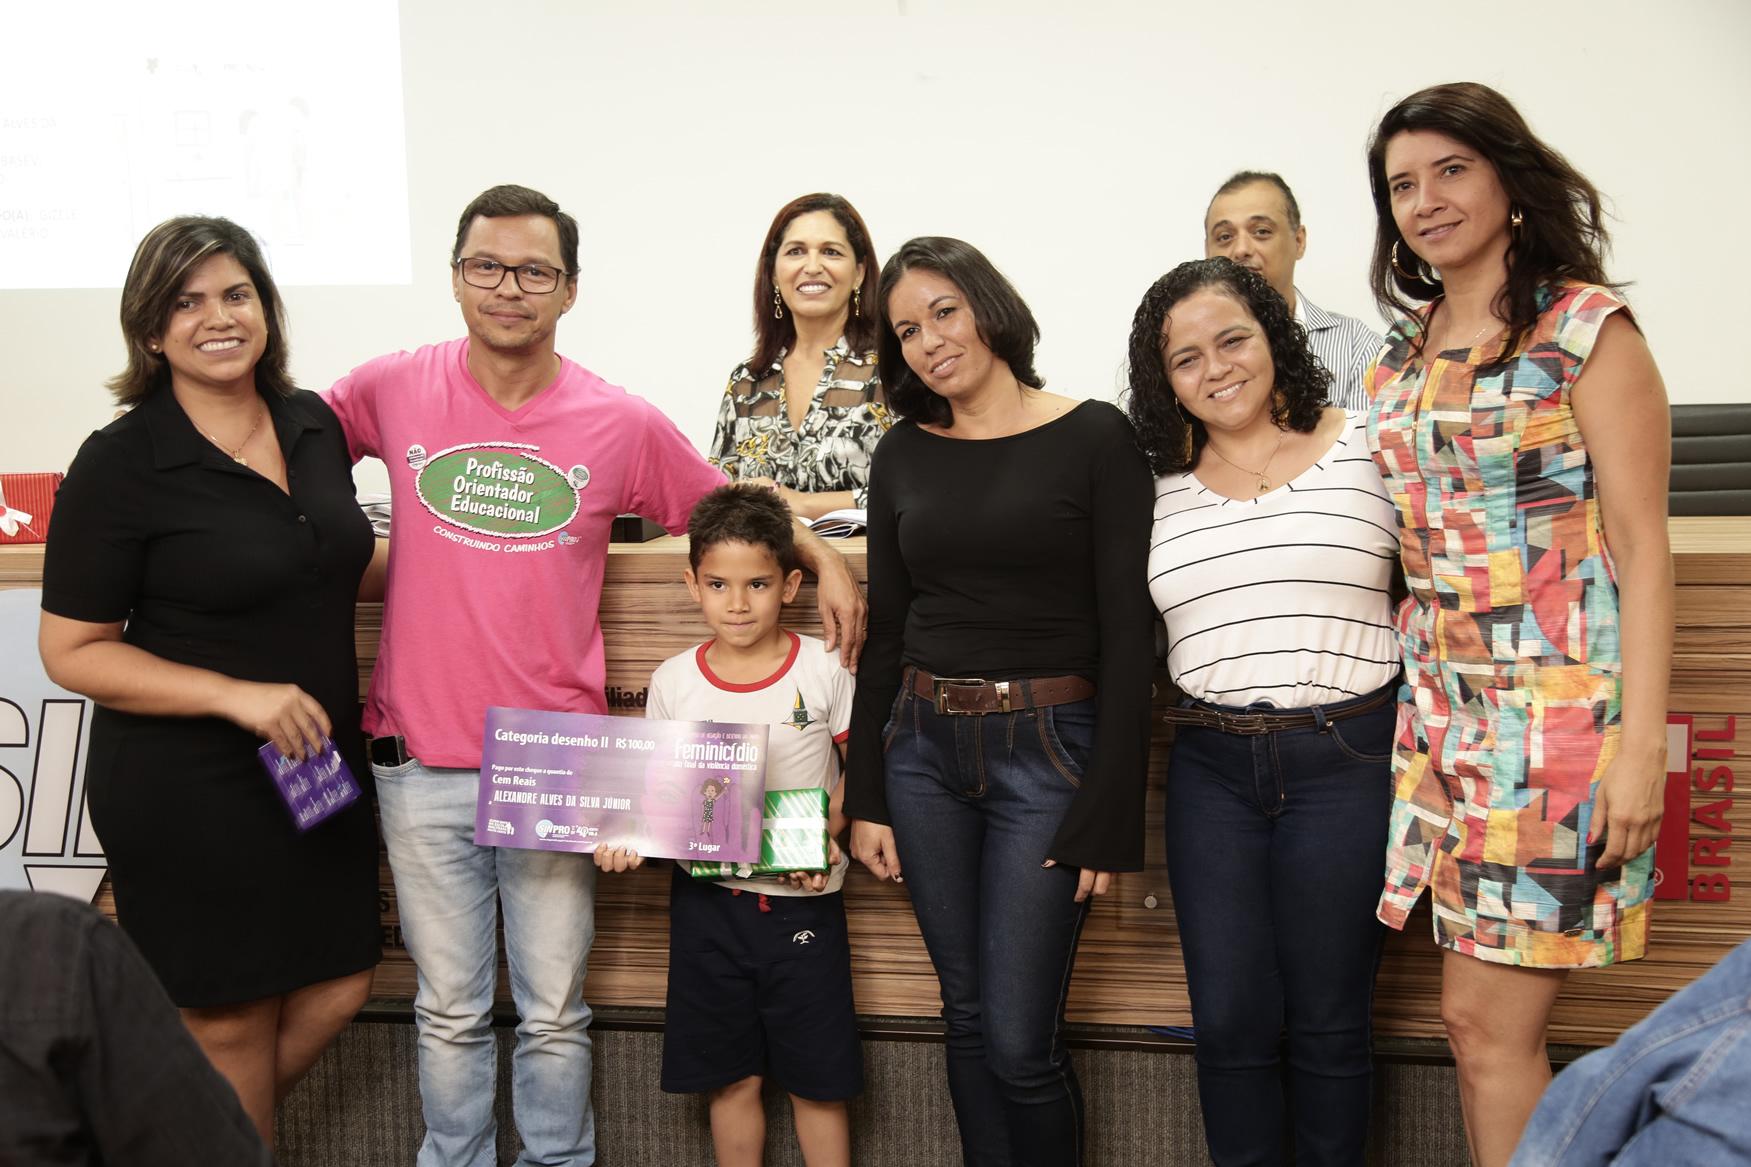 2019.05.19-Premiacao-do-X-Concurso-de-Redacao-do-Sinpro-DF_fotos-ECOM-94